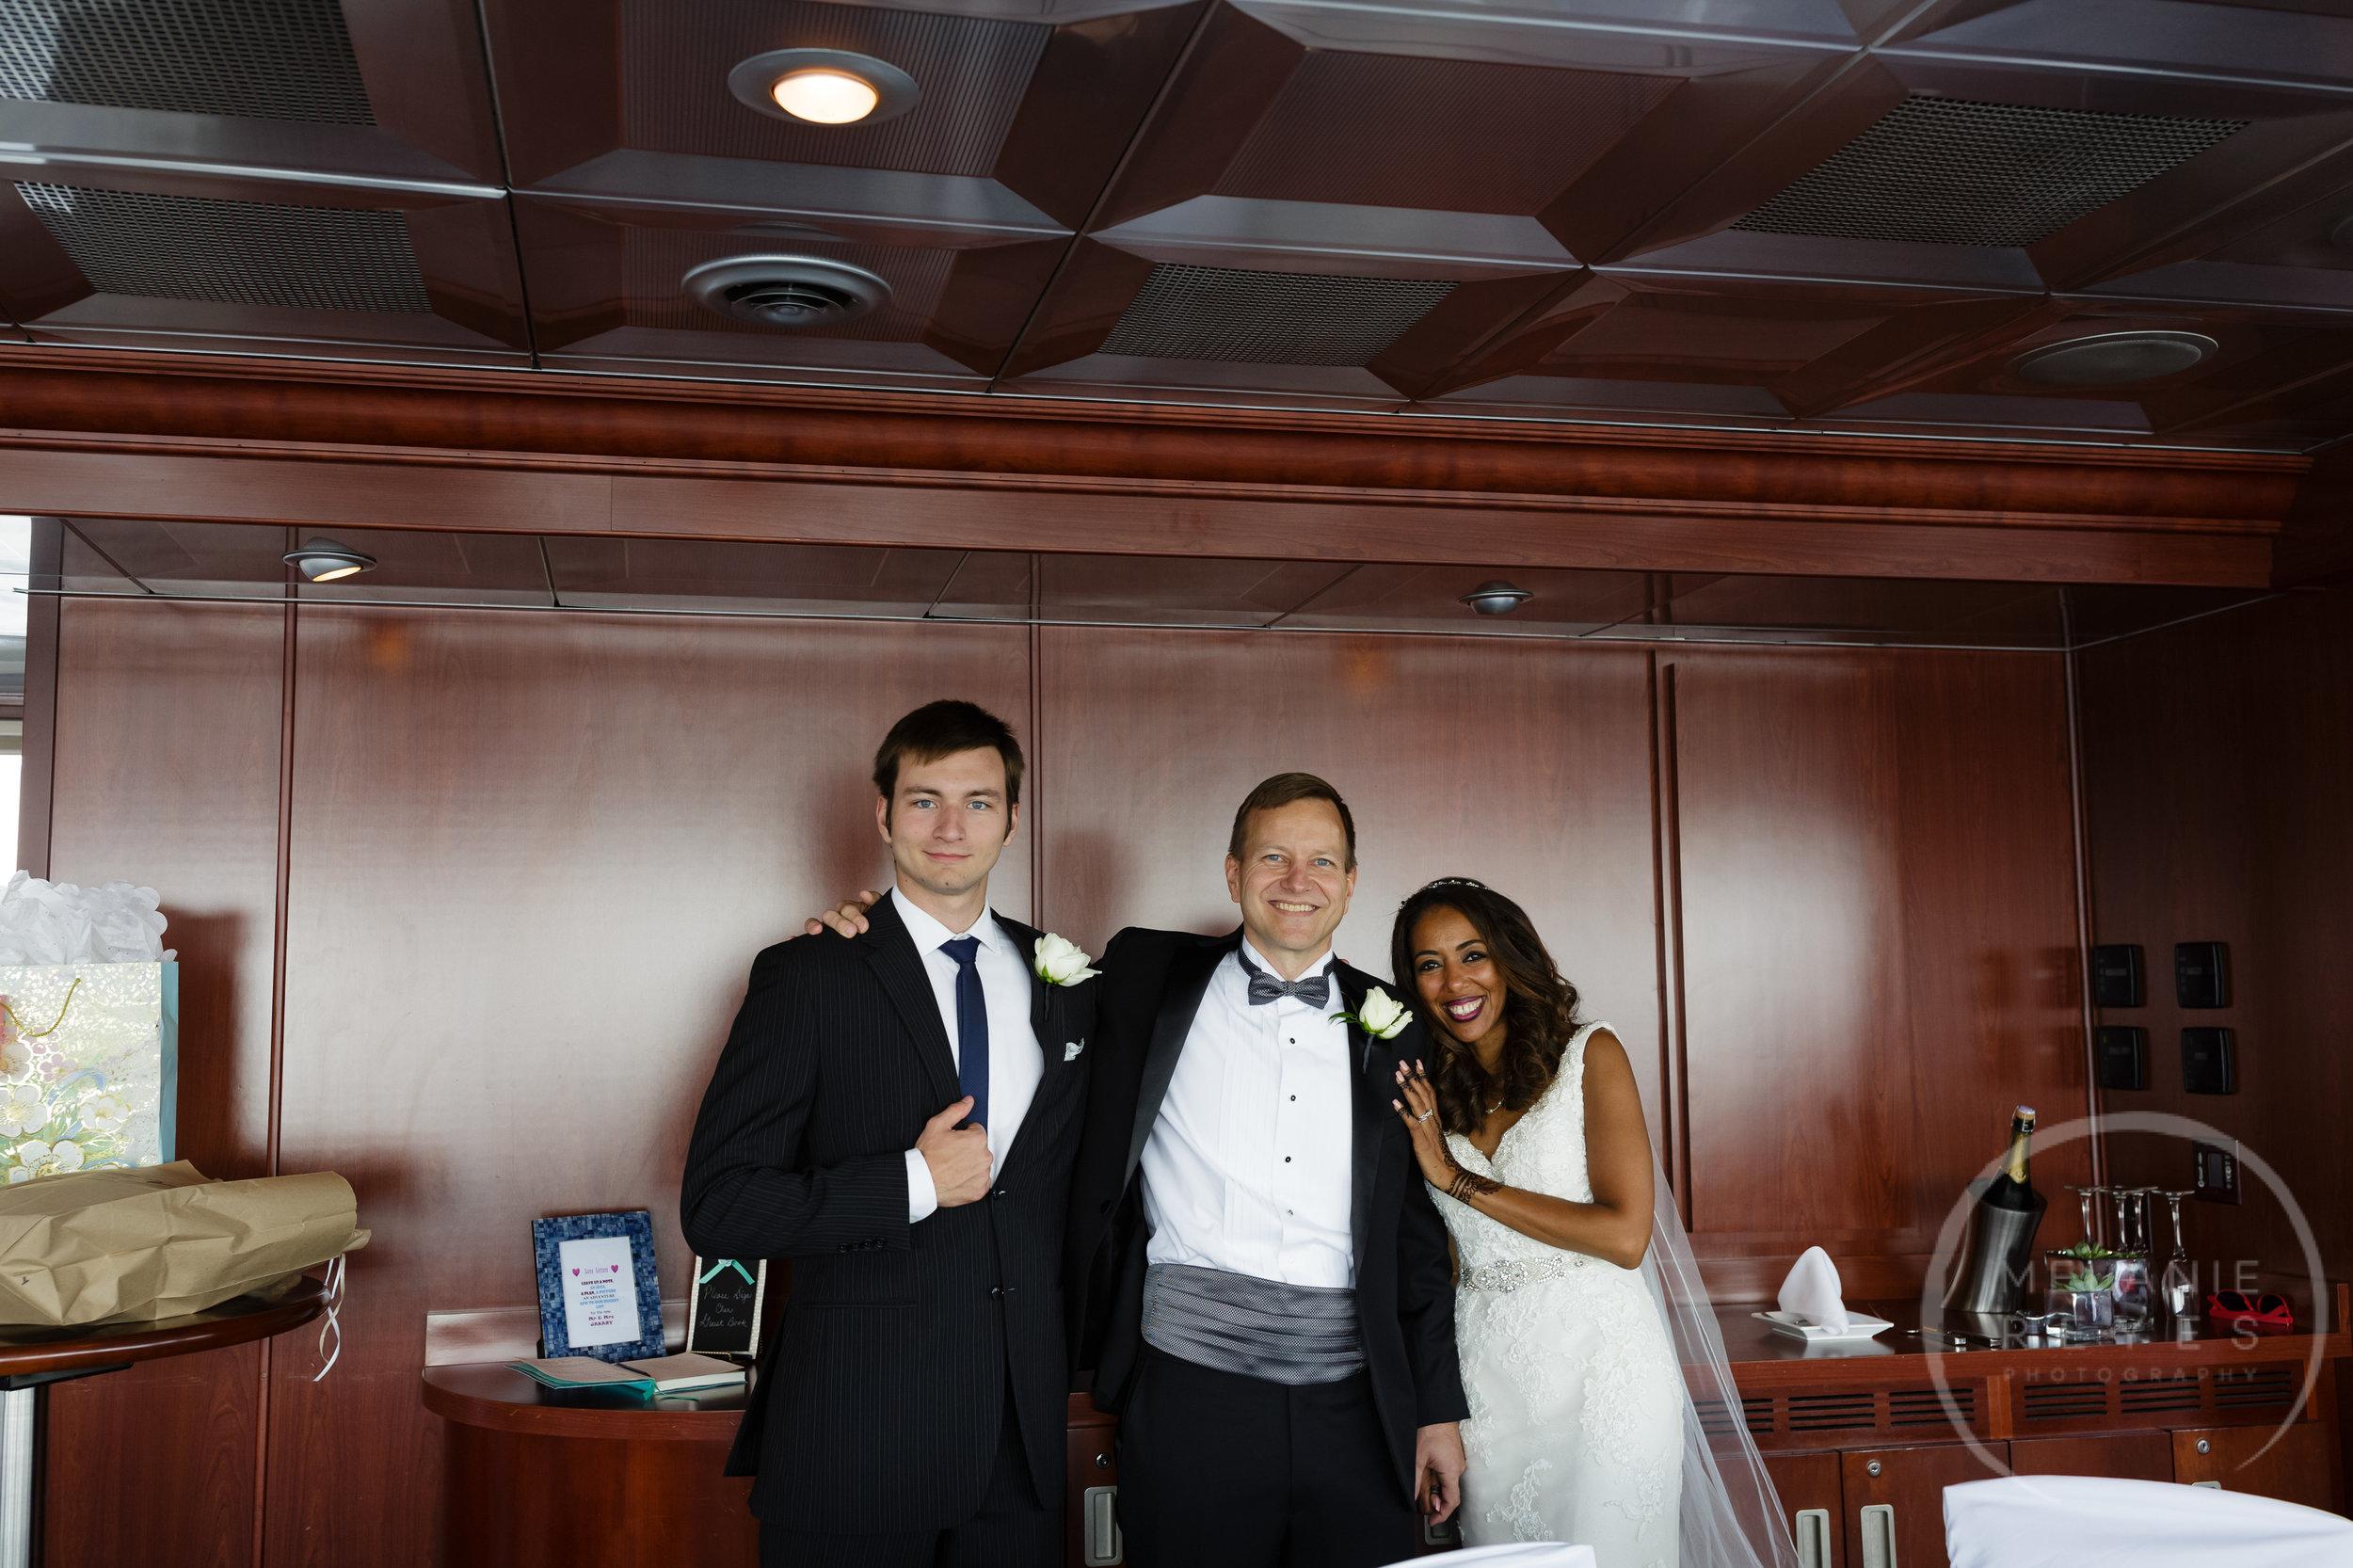 infinity_ovation_yacht_wedding_detroit_melaniereyes22.jpg